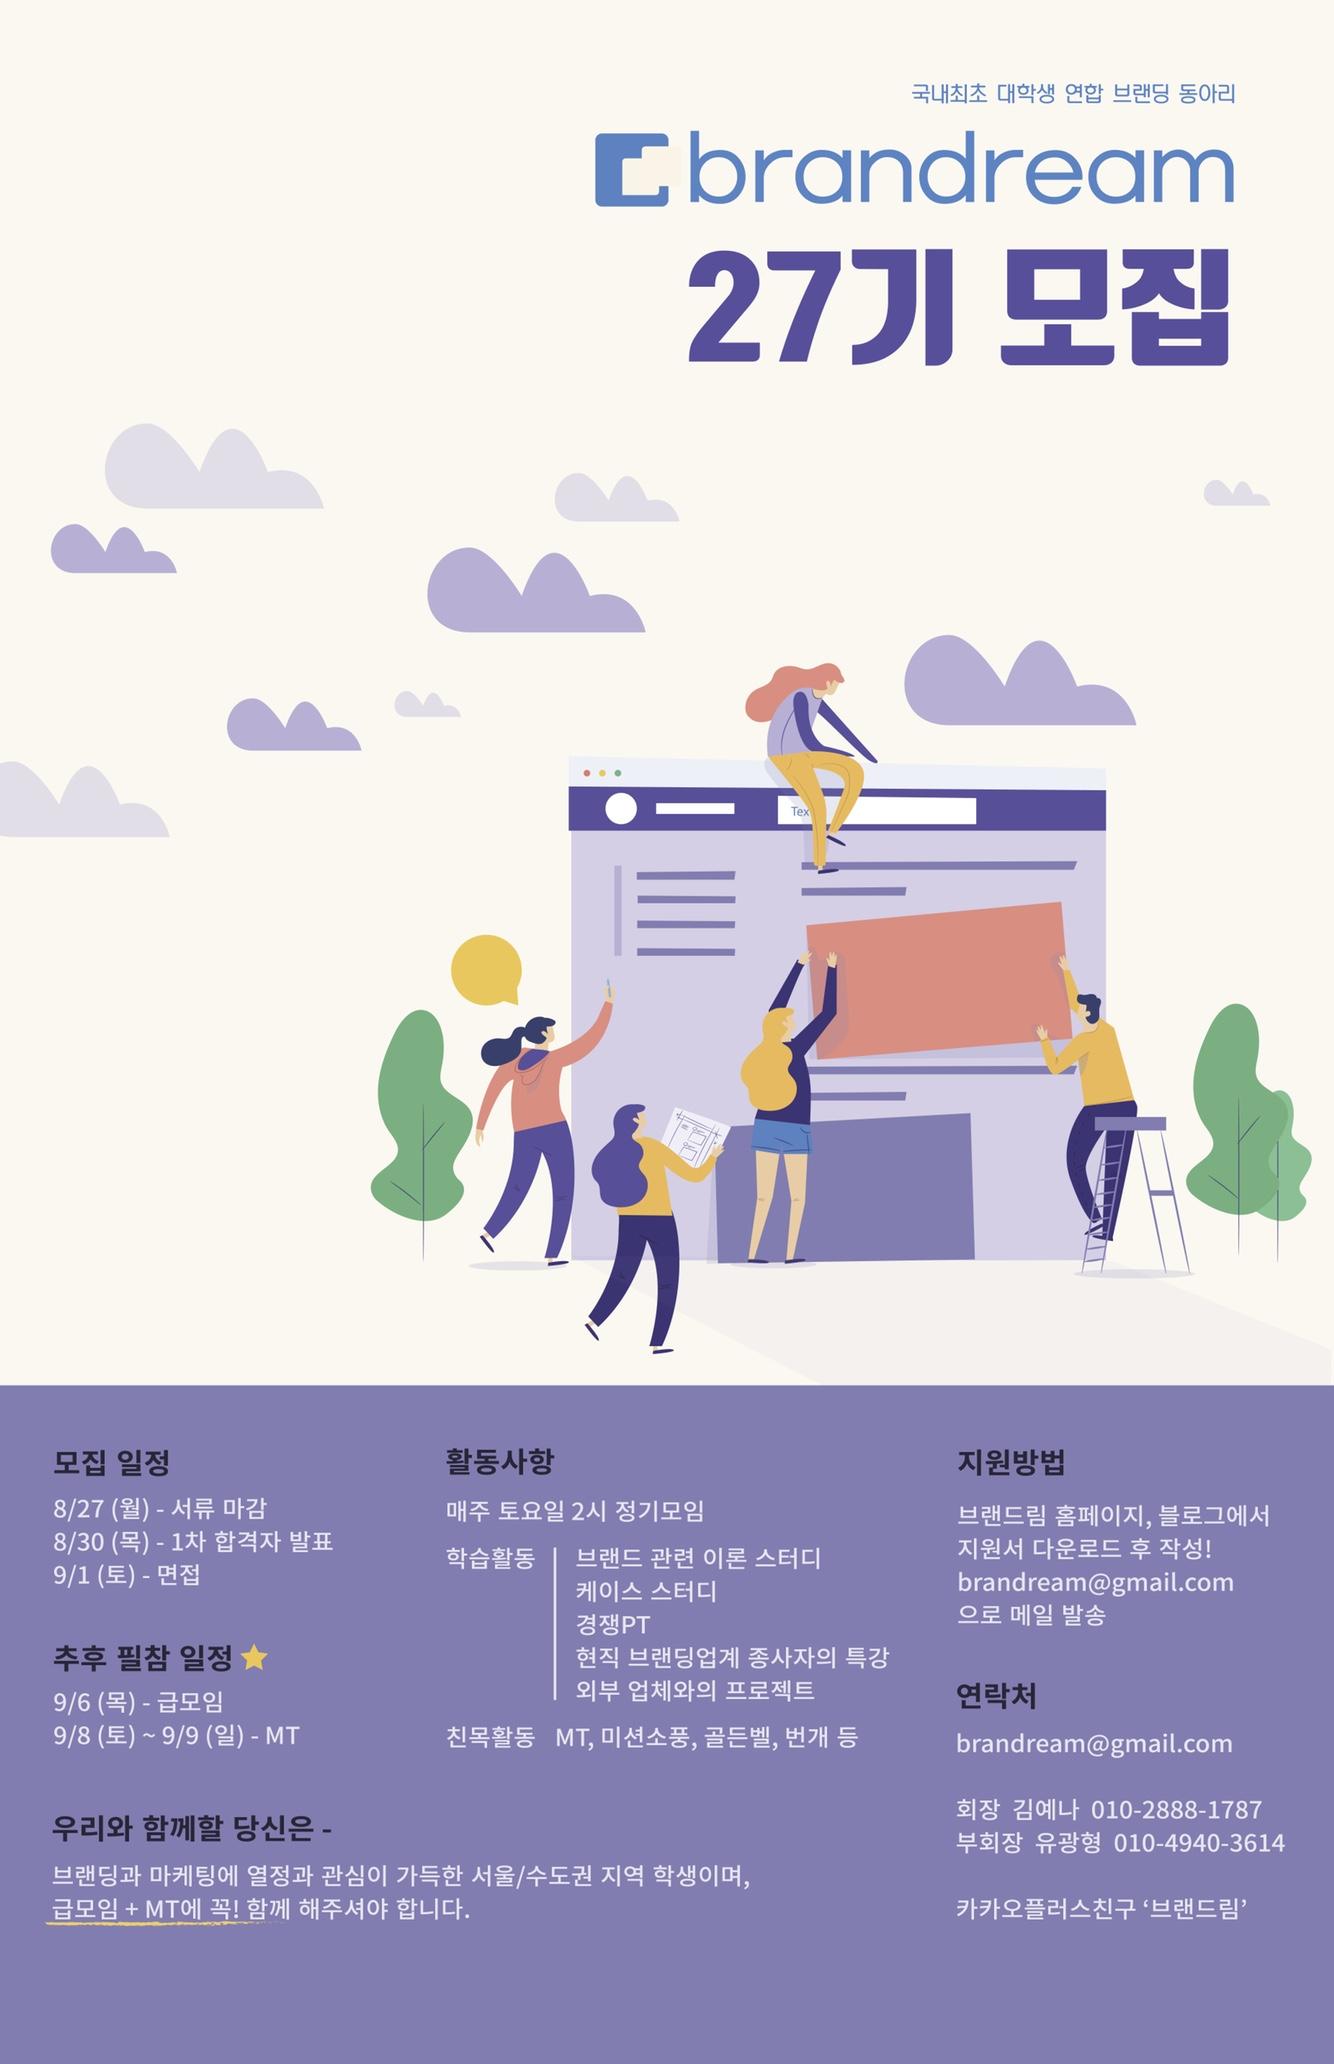 """국내 최초 대학생 연합 브랜딩 동아리 """"브랜드림""""에서 27기를 모집합니다(~8/27까지)"""